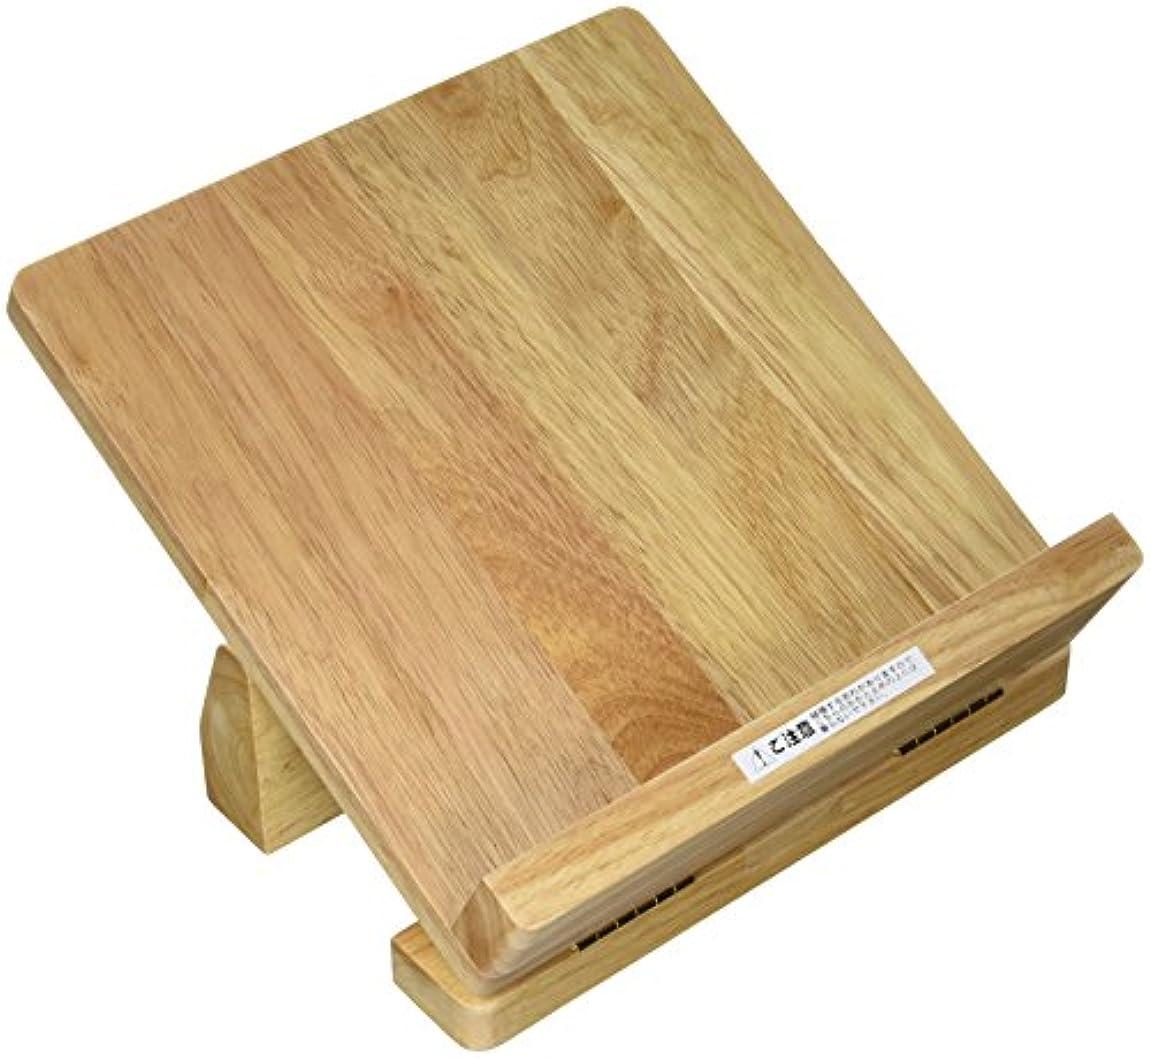 バイオリニスト従者フィールド足首のびのび 木製ストレッチボード